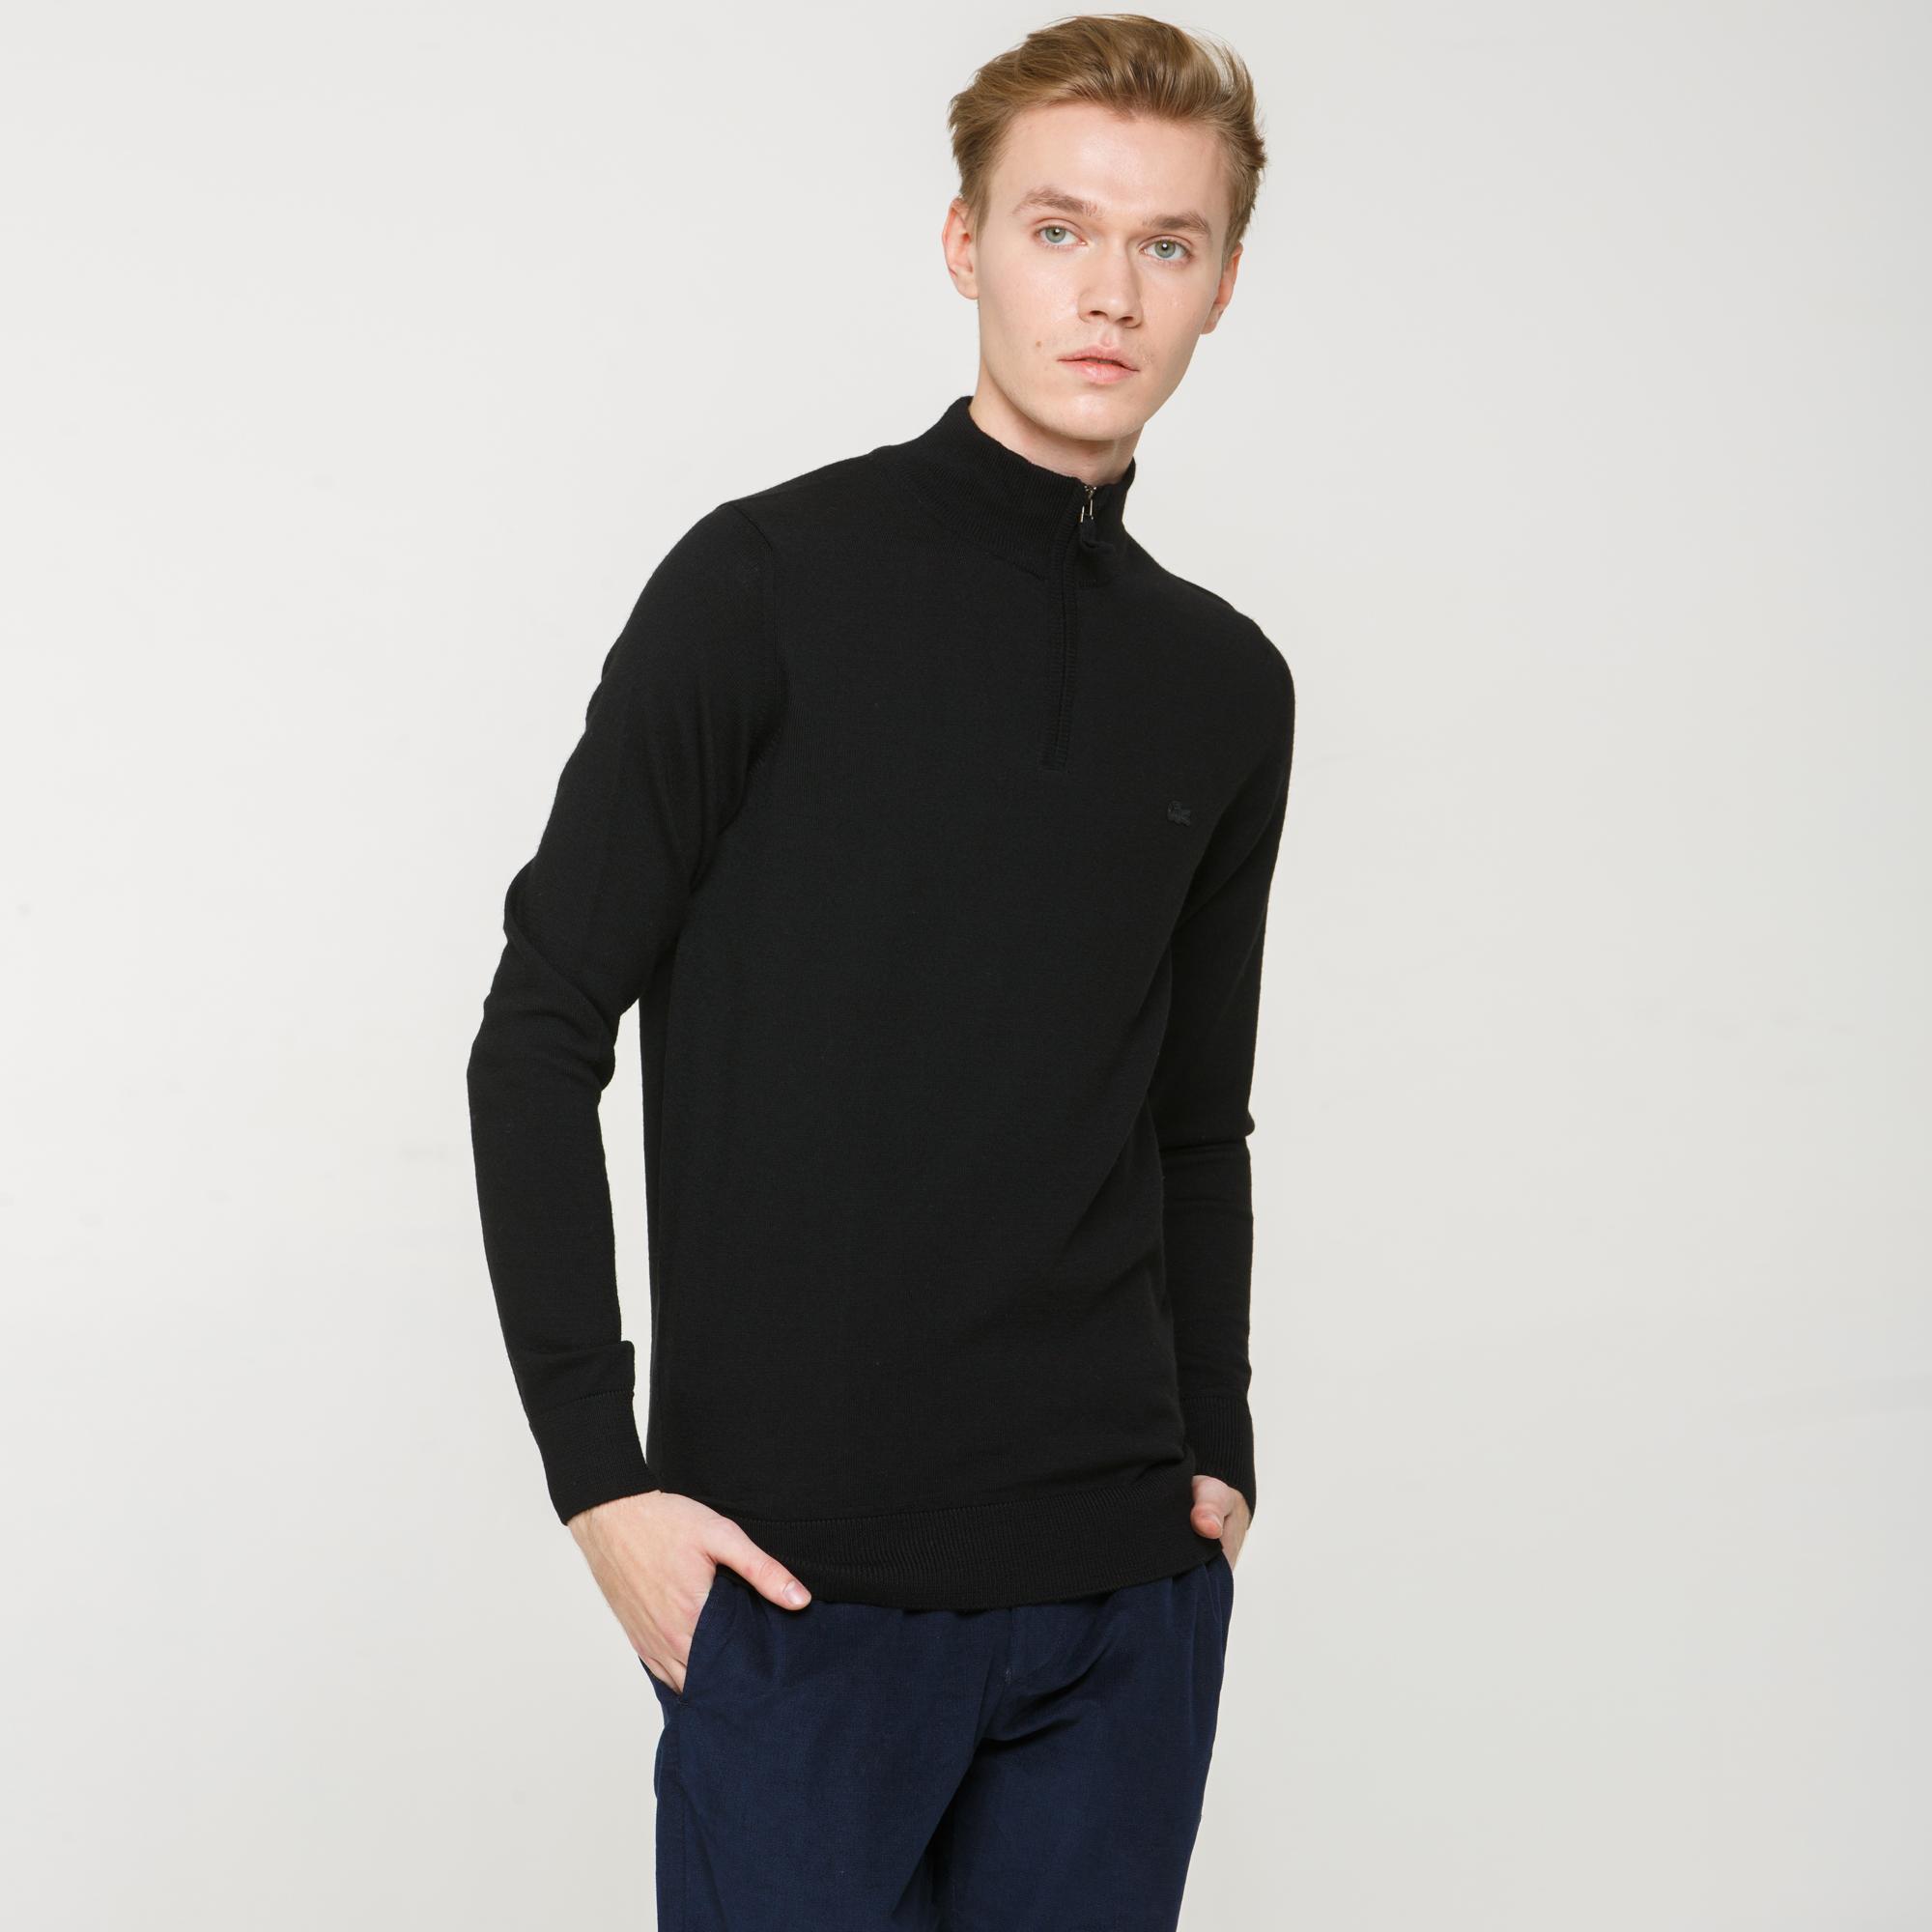 Свитер LacosteСвитеры<br>Детали: классический свитер из натуральной шерсти \ Материал: 100% шерсть \ Страна производства: Турция